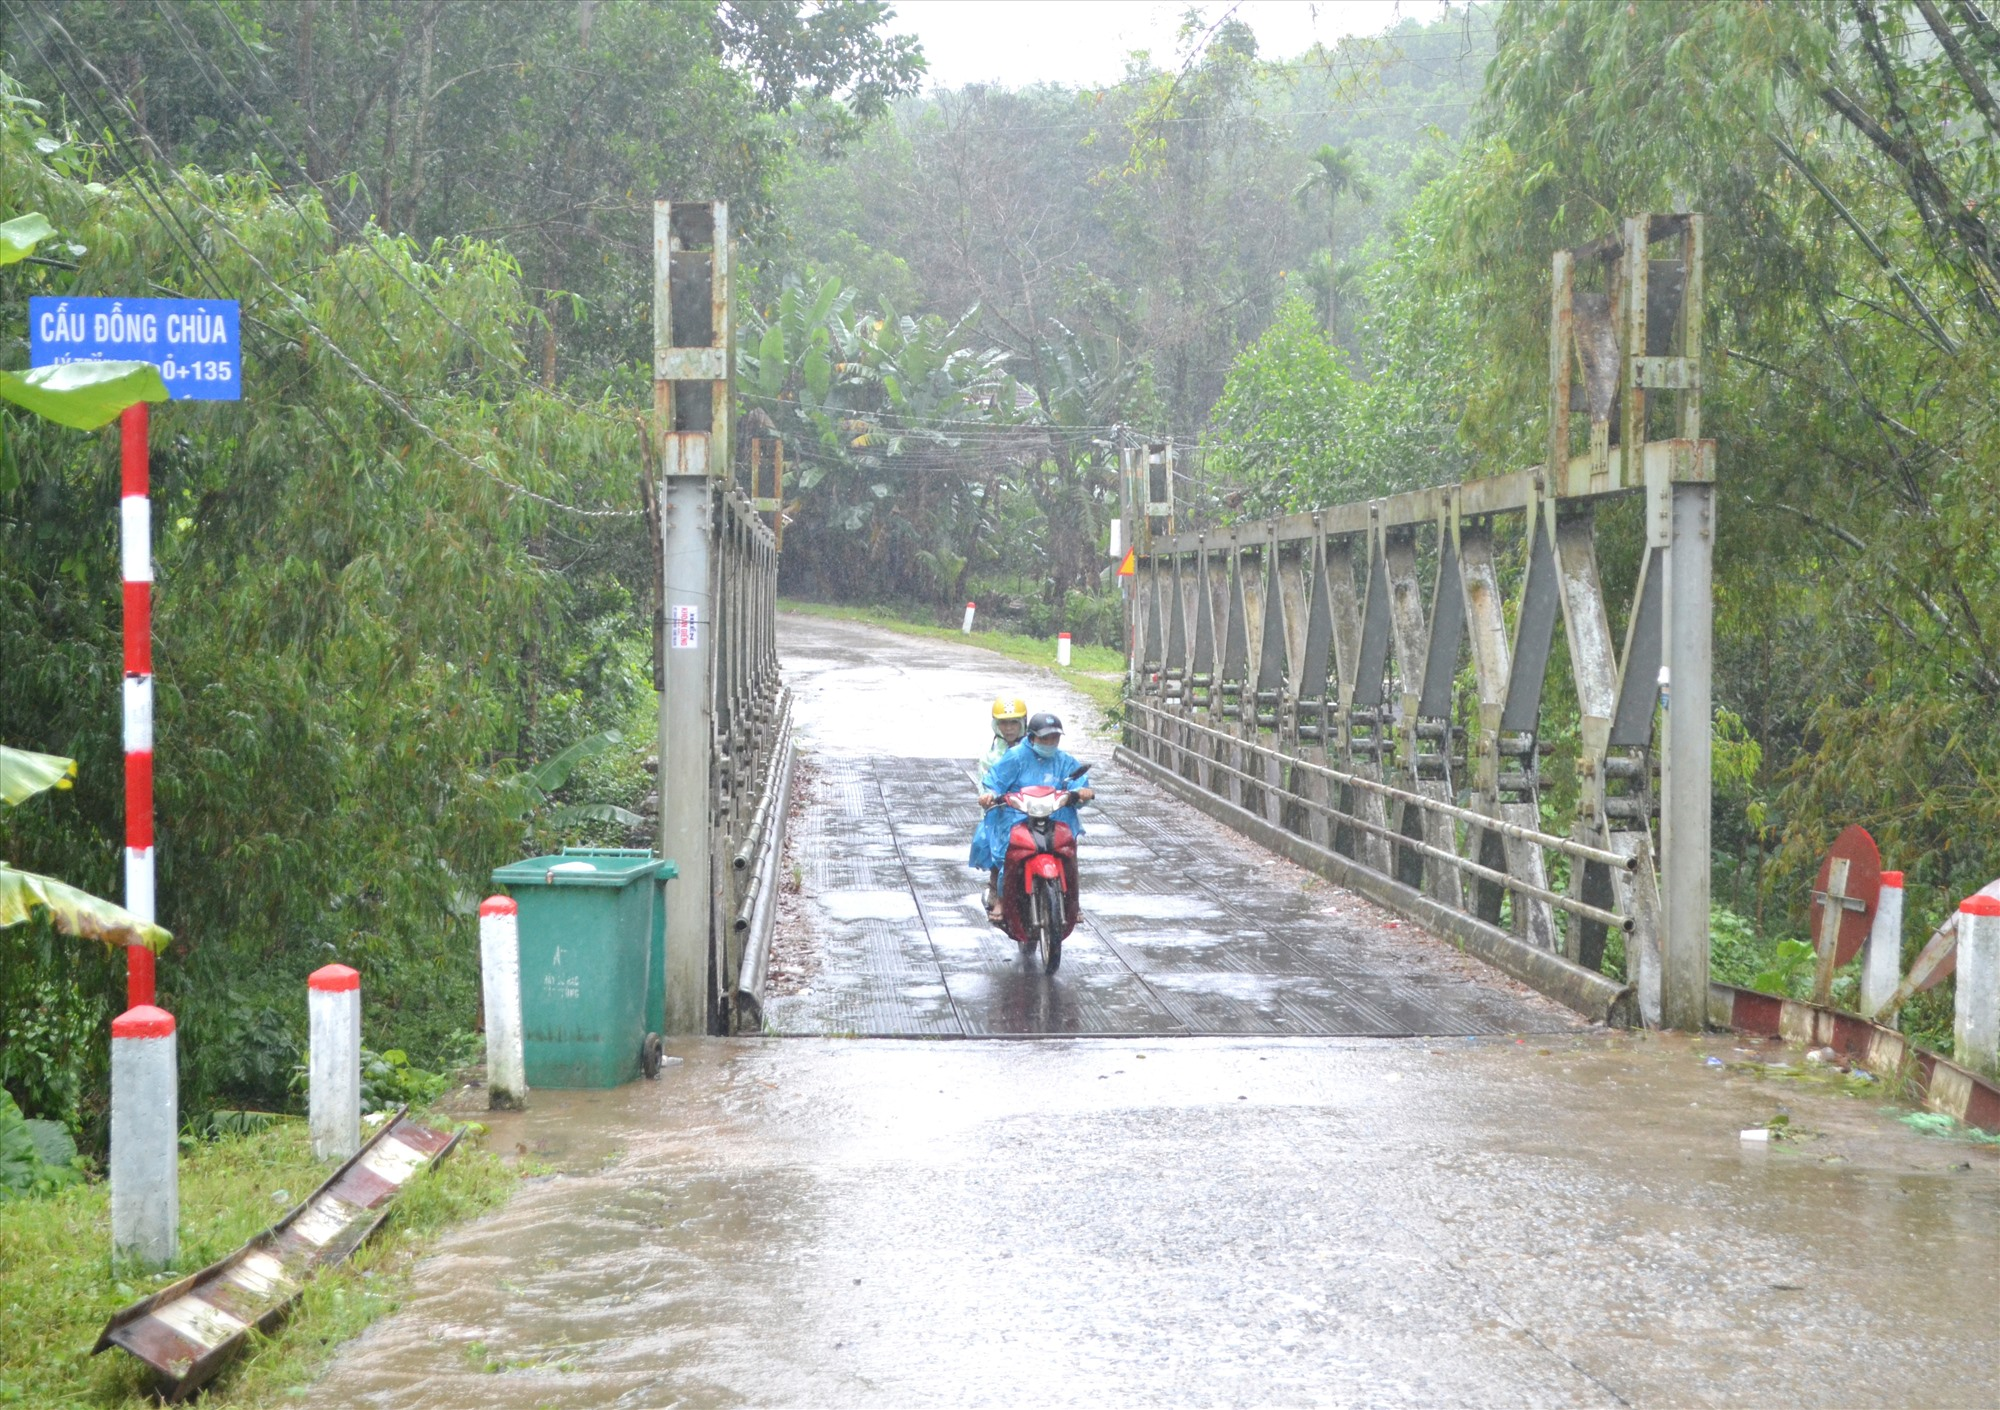 """Cầu Đồng Chùa là """"nút thắt cổ chai"""" trên tuyến đường ĐH1.Ảnh: C.T"""